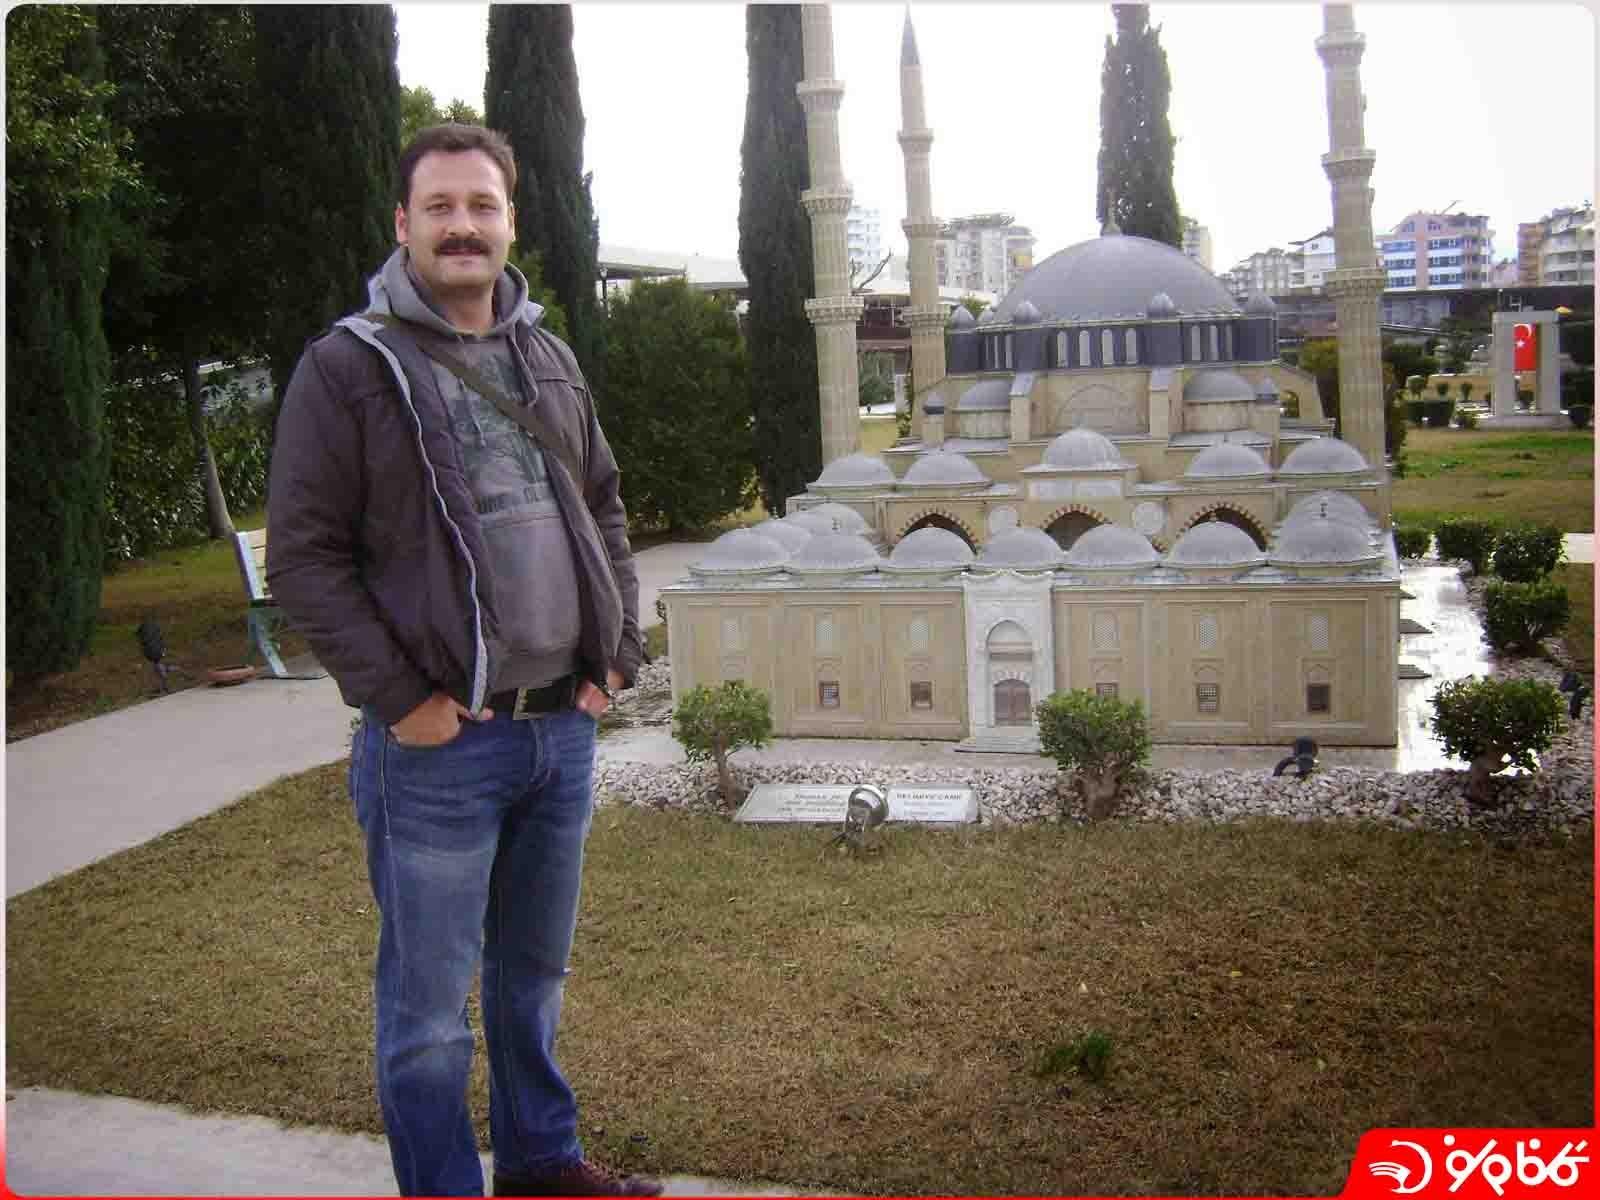 موزه مینی سیتی - Mini City Antalya